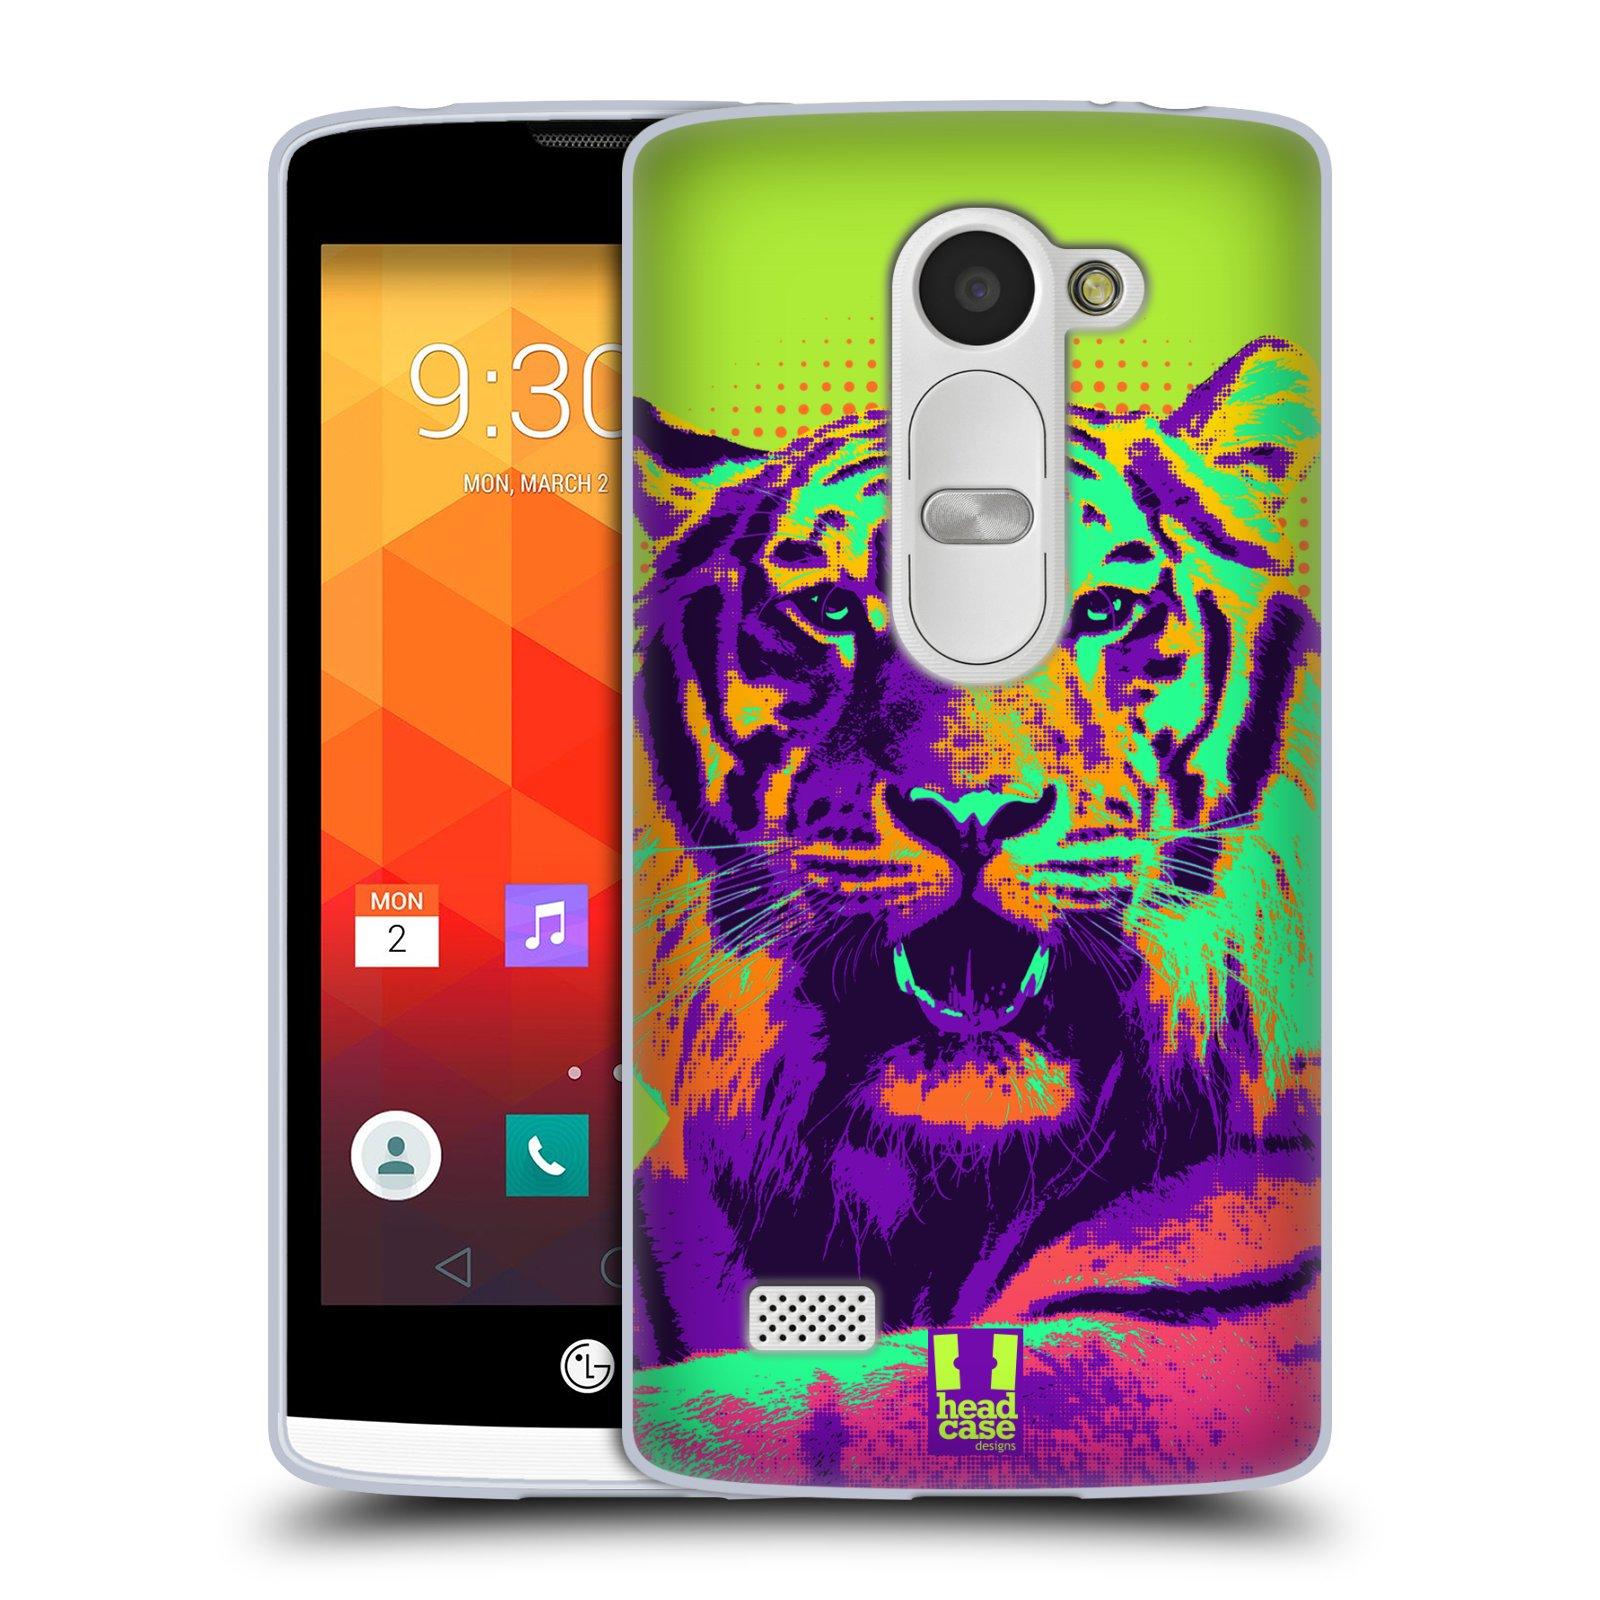 Silikonové pouzdro na mobil LG Leon LTE HEAD CASE POP PRINT TYGR (Silikonový kryt či obal na mobilní telefon LG Leon H320 a LG Leon LTE H340N)